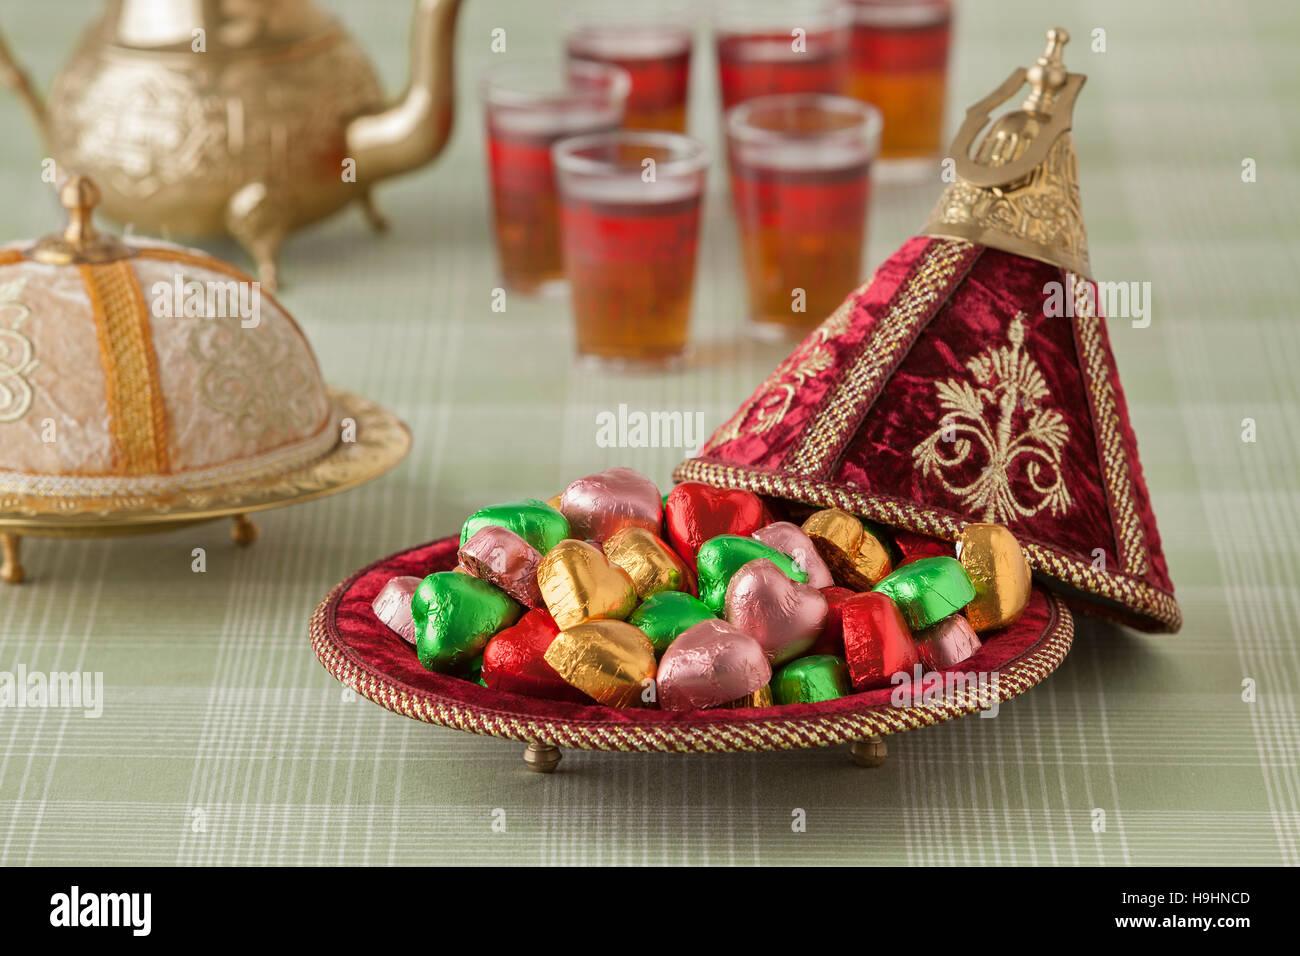 Marokkanische festliche Süßigkeiten in eine rote Tajine und Tee Stockbild